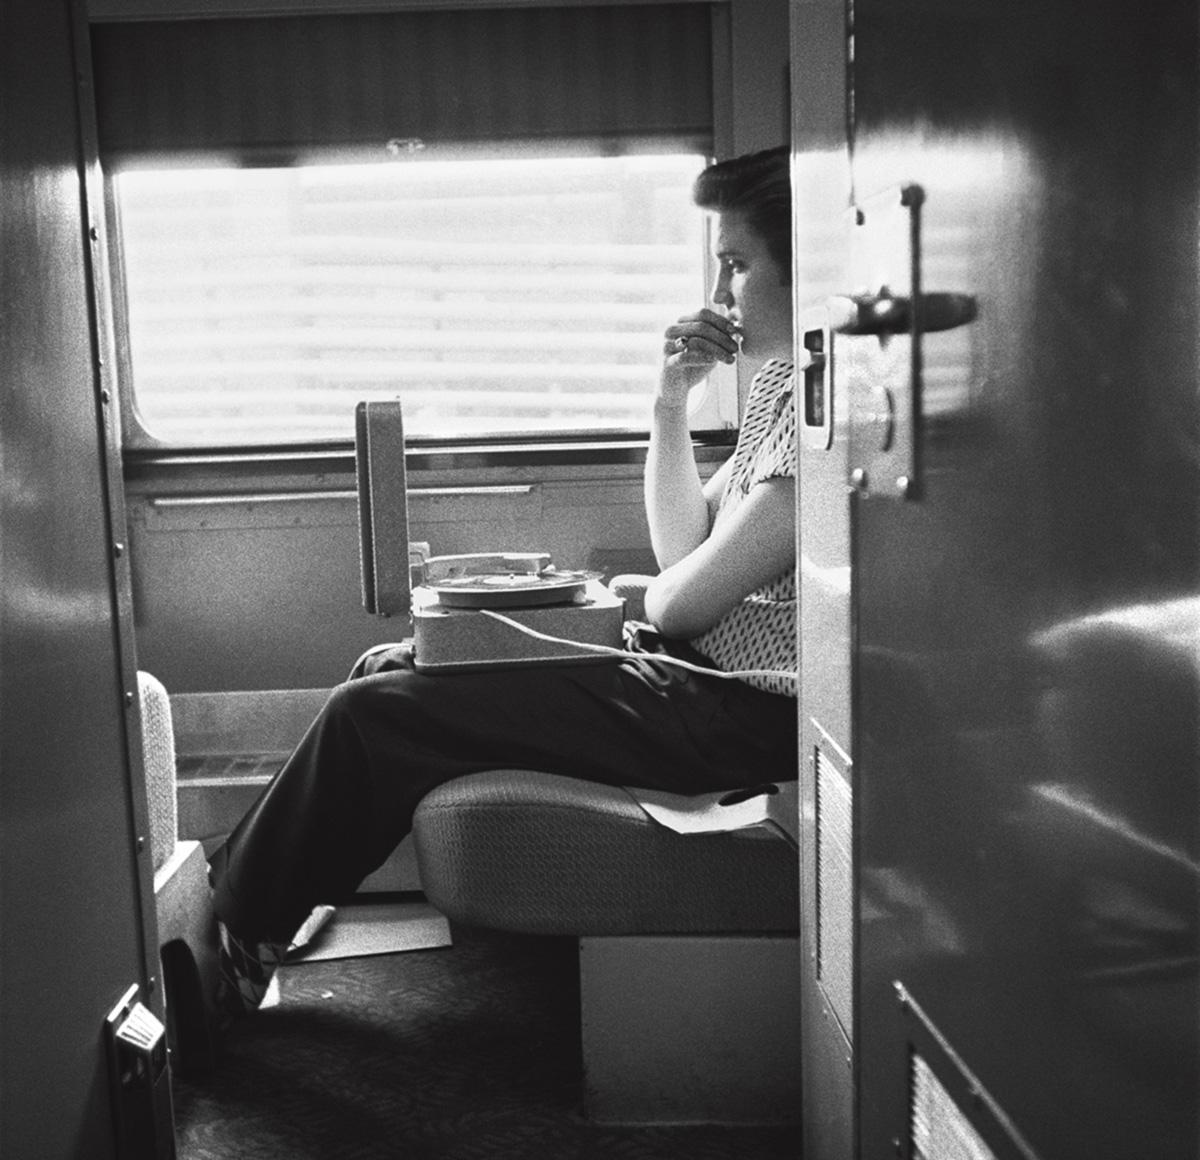 Em 1956, Elvis Presley embarcou na primeira turnê nacional de sua carreira. O fotógrafo captou essa transição de cantor regional para a condição de ídolo